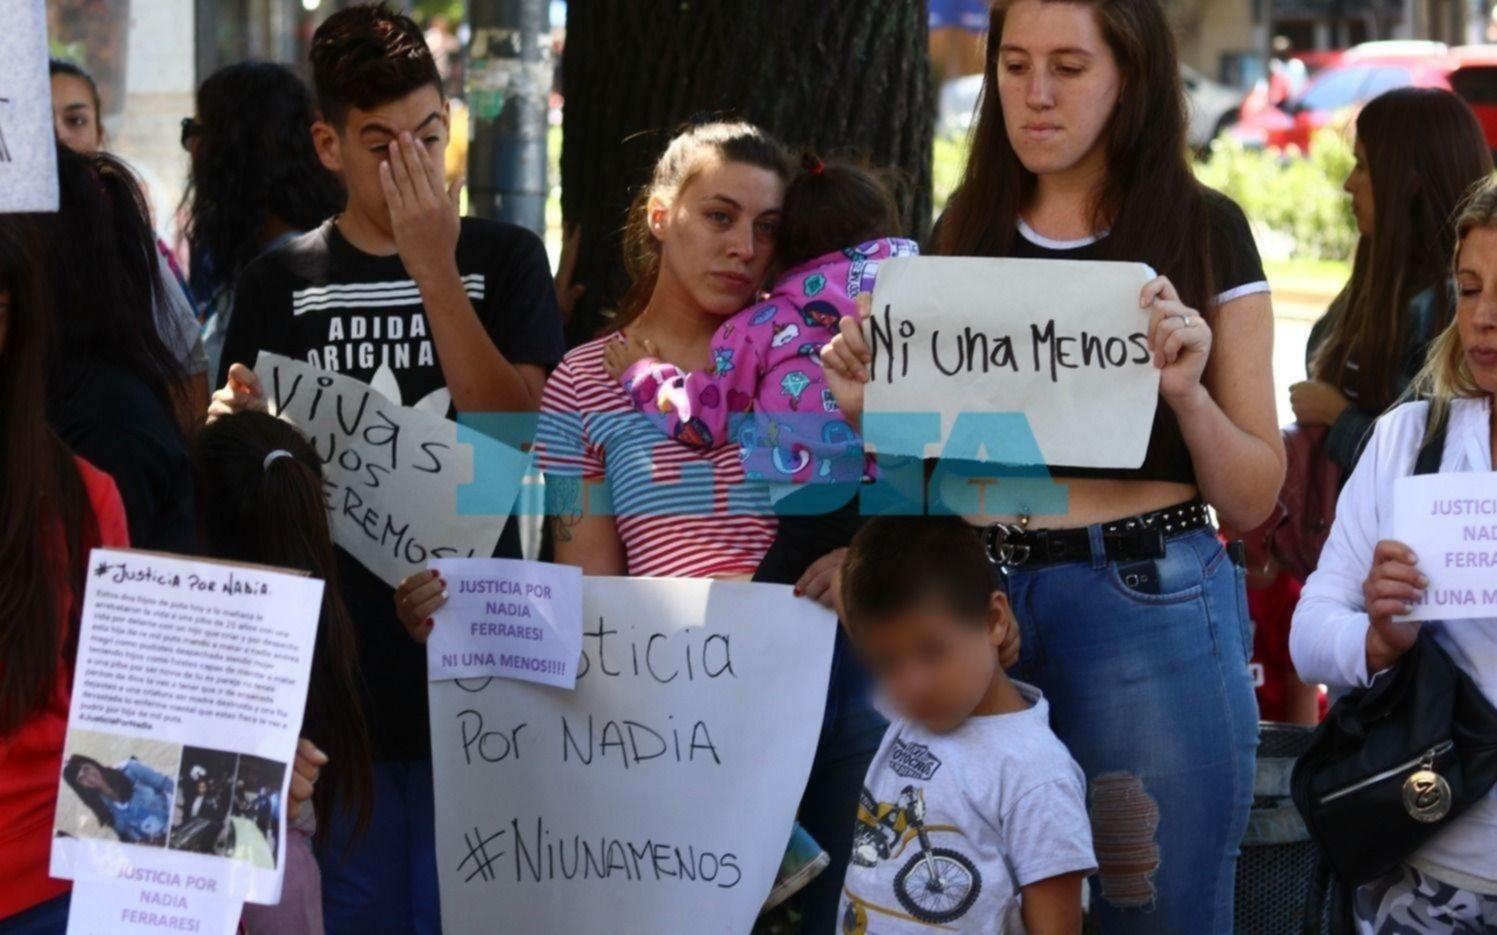 Nadia Ferraresi: Familiares Y Amigos De Nadia Ferraresi Saldrán Nuevamente